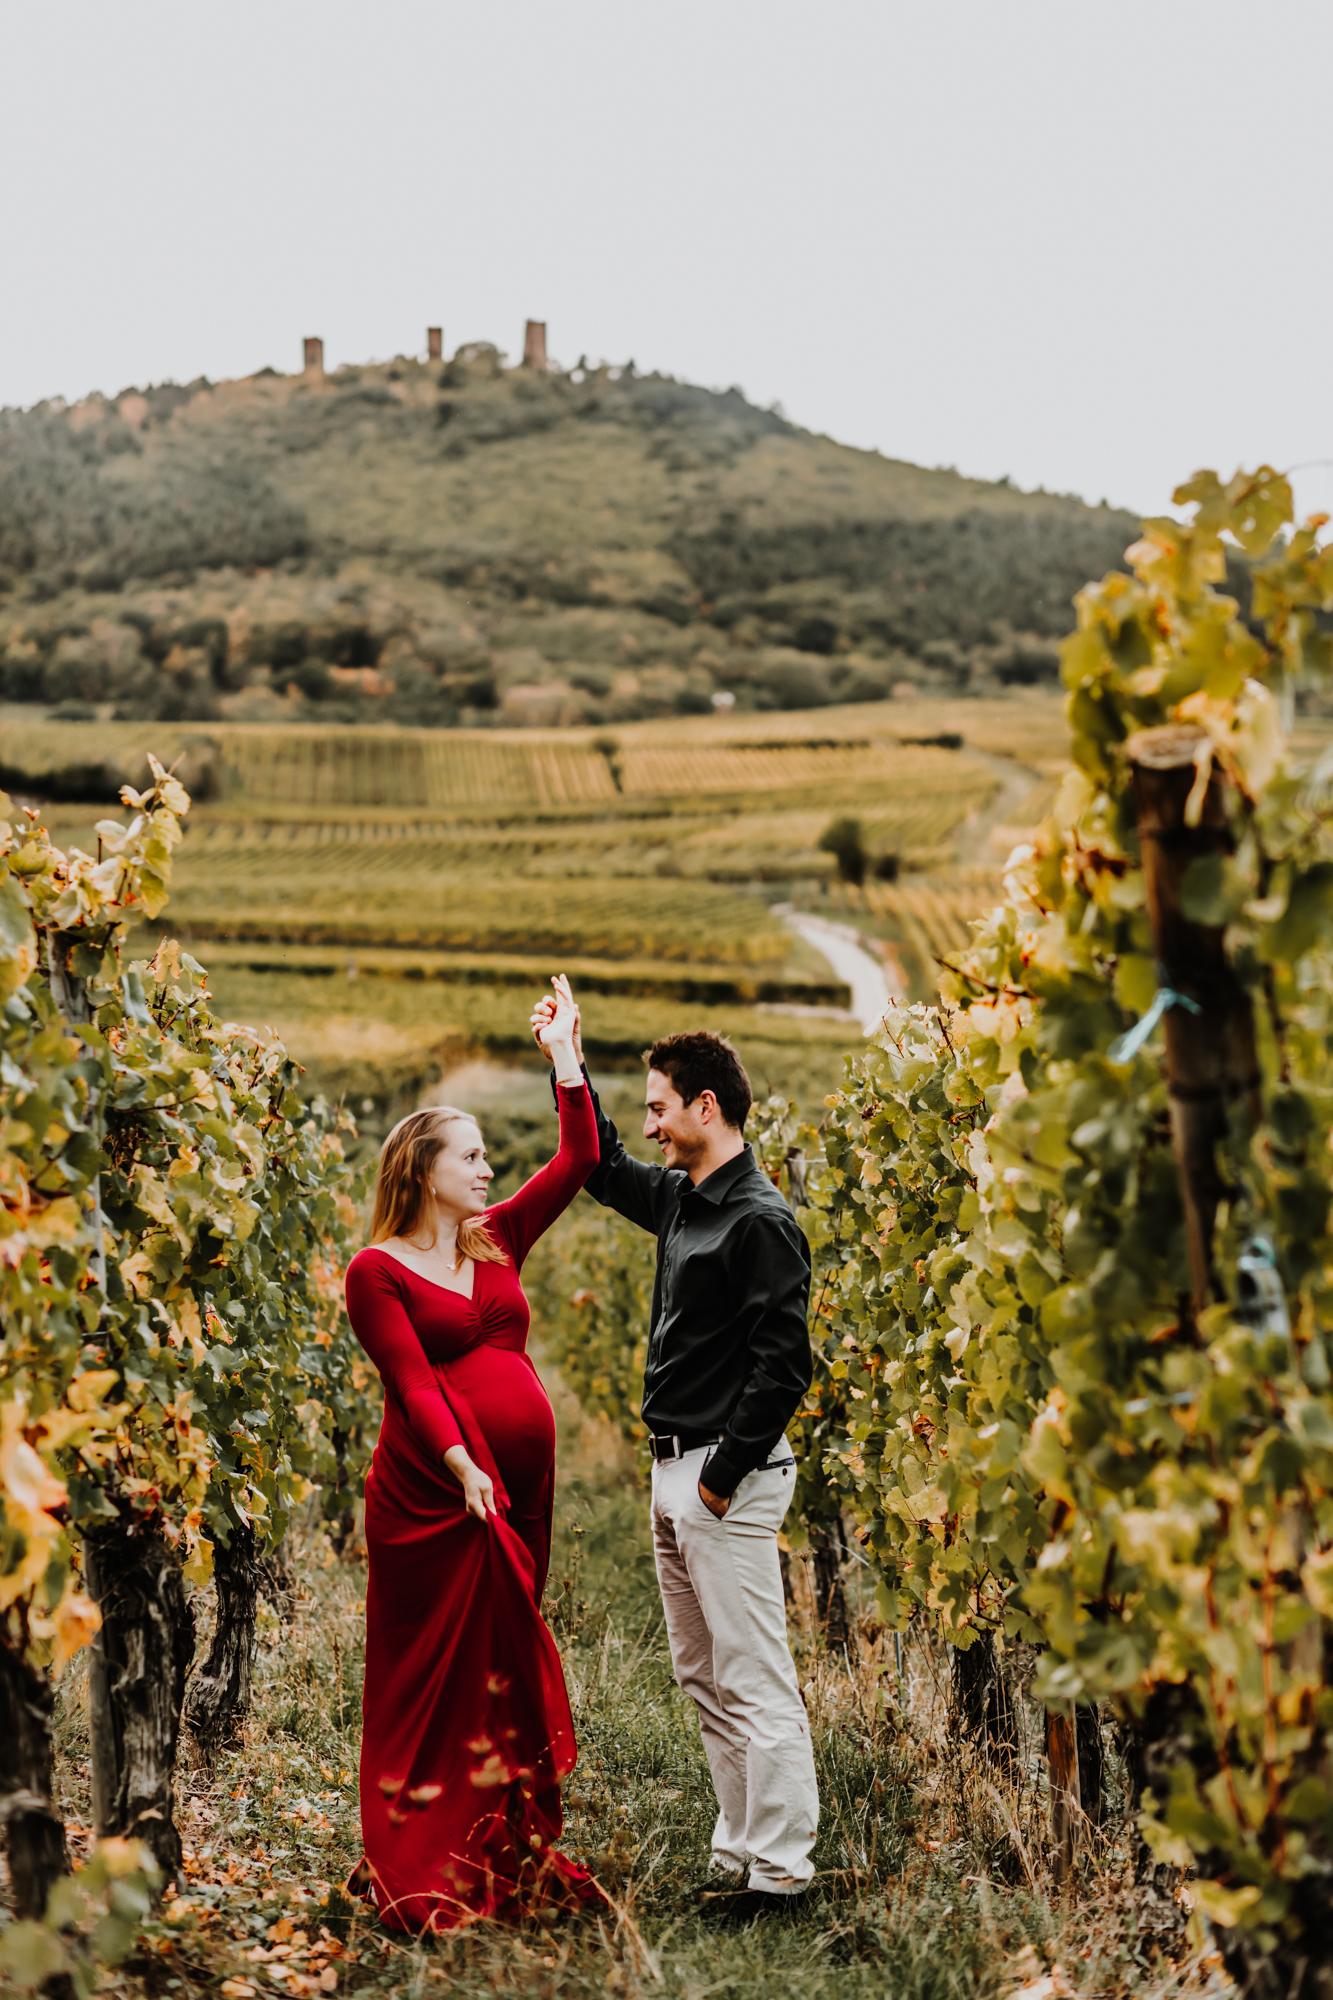 un couple et une femme enceinte dansent dans les vignes à l'automne